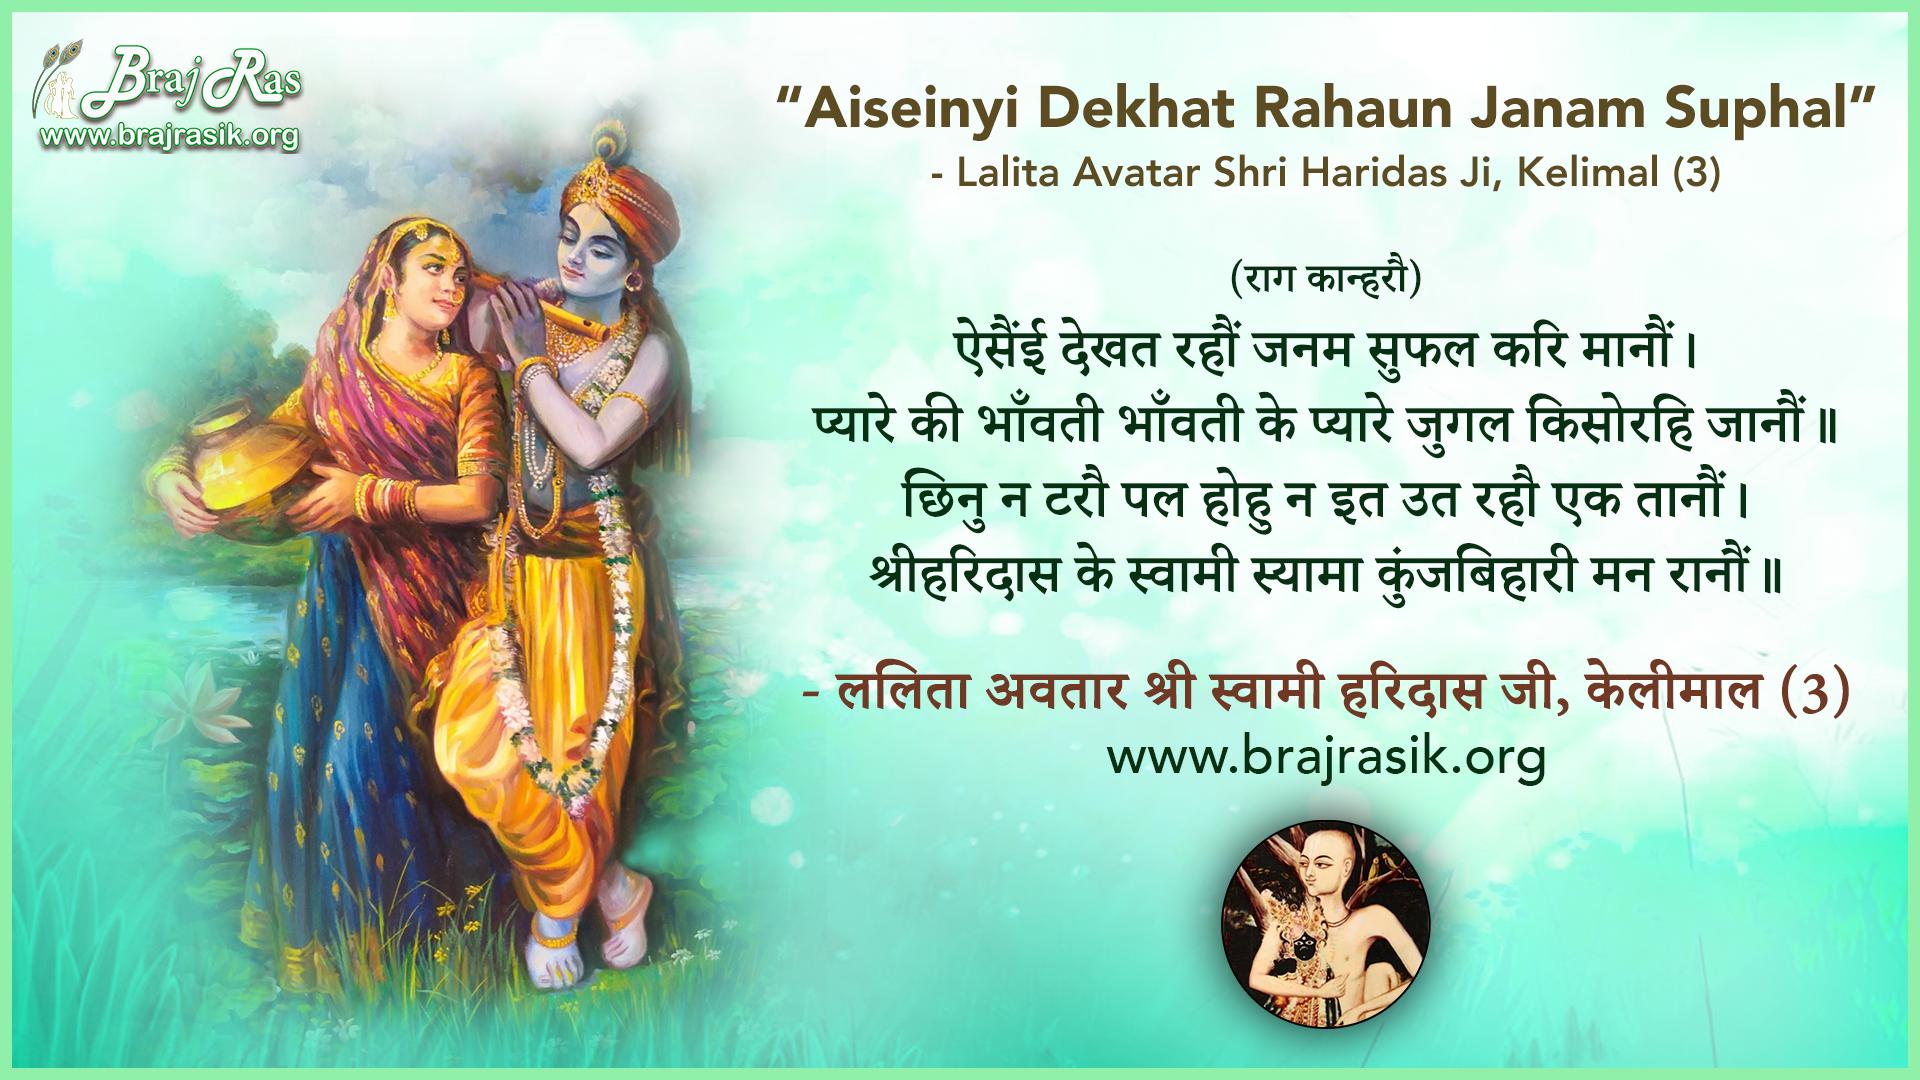 Aiseinyi Dekhat Rahaun Janam Suphal Kari Maanaun - Shri Swami Haridas Ji, Kelimal (3)